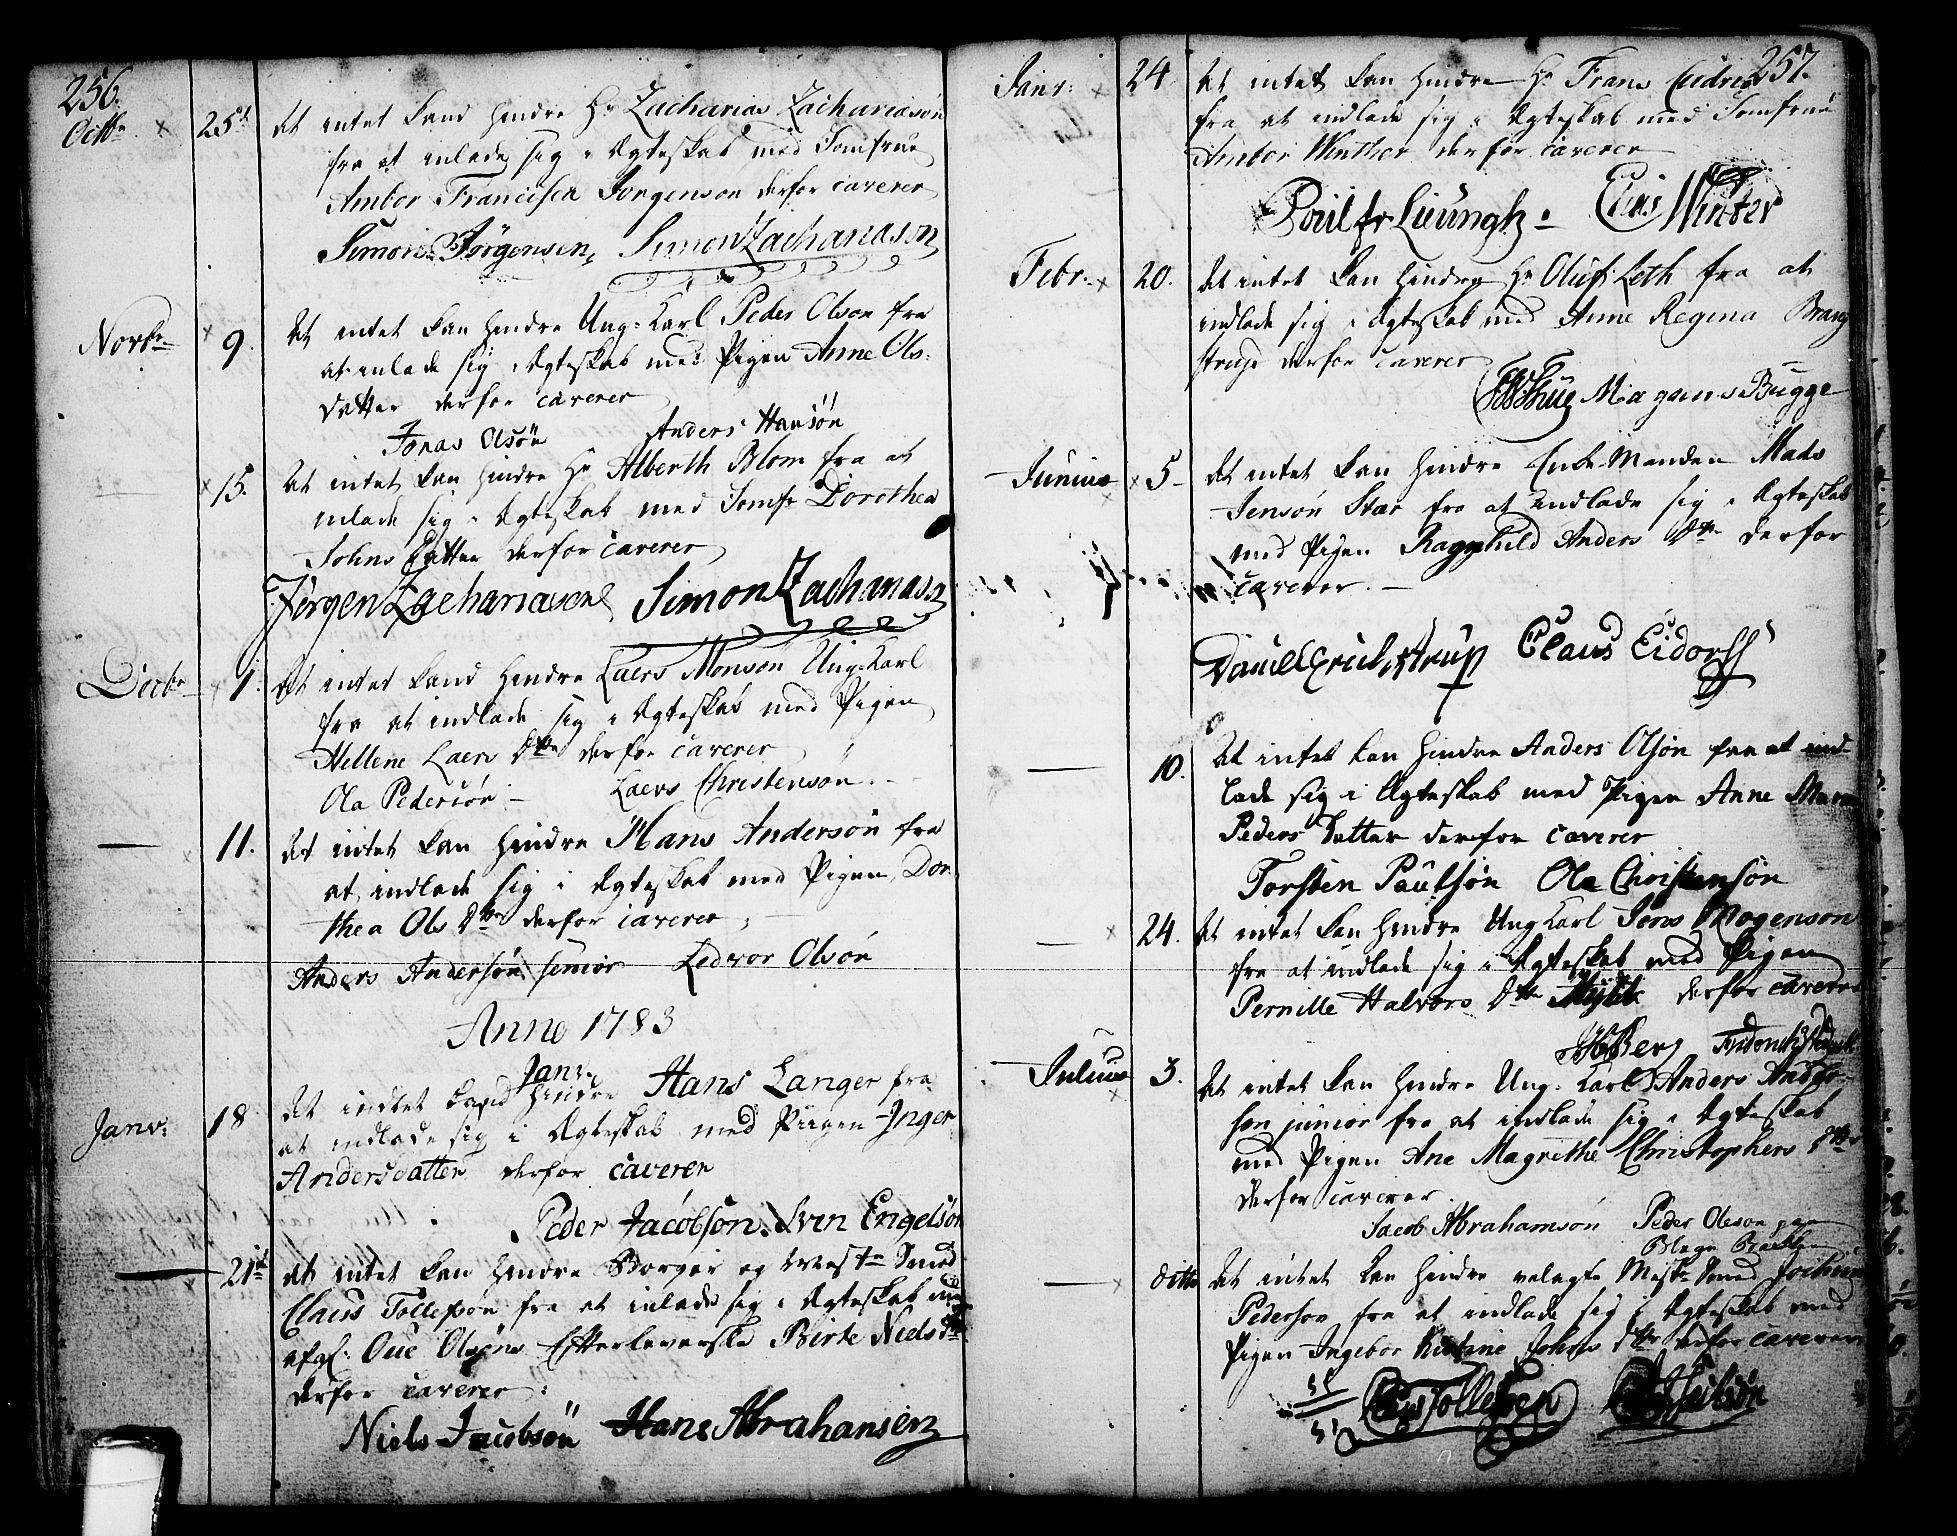 SAKO, Skien kirkebøker, F/Fa/L0003: Ministerialbok nr. 3, 1755-1791, s. 256-257